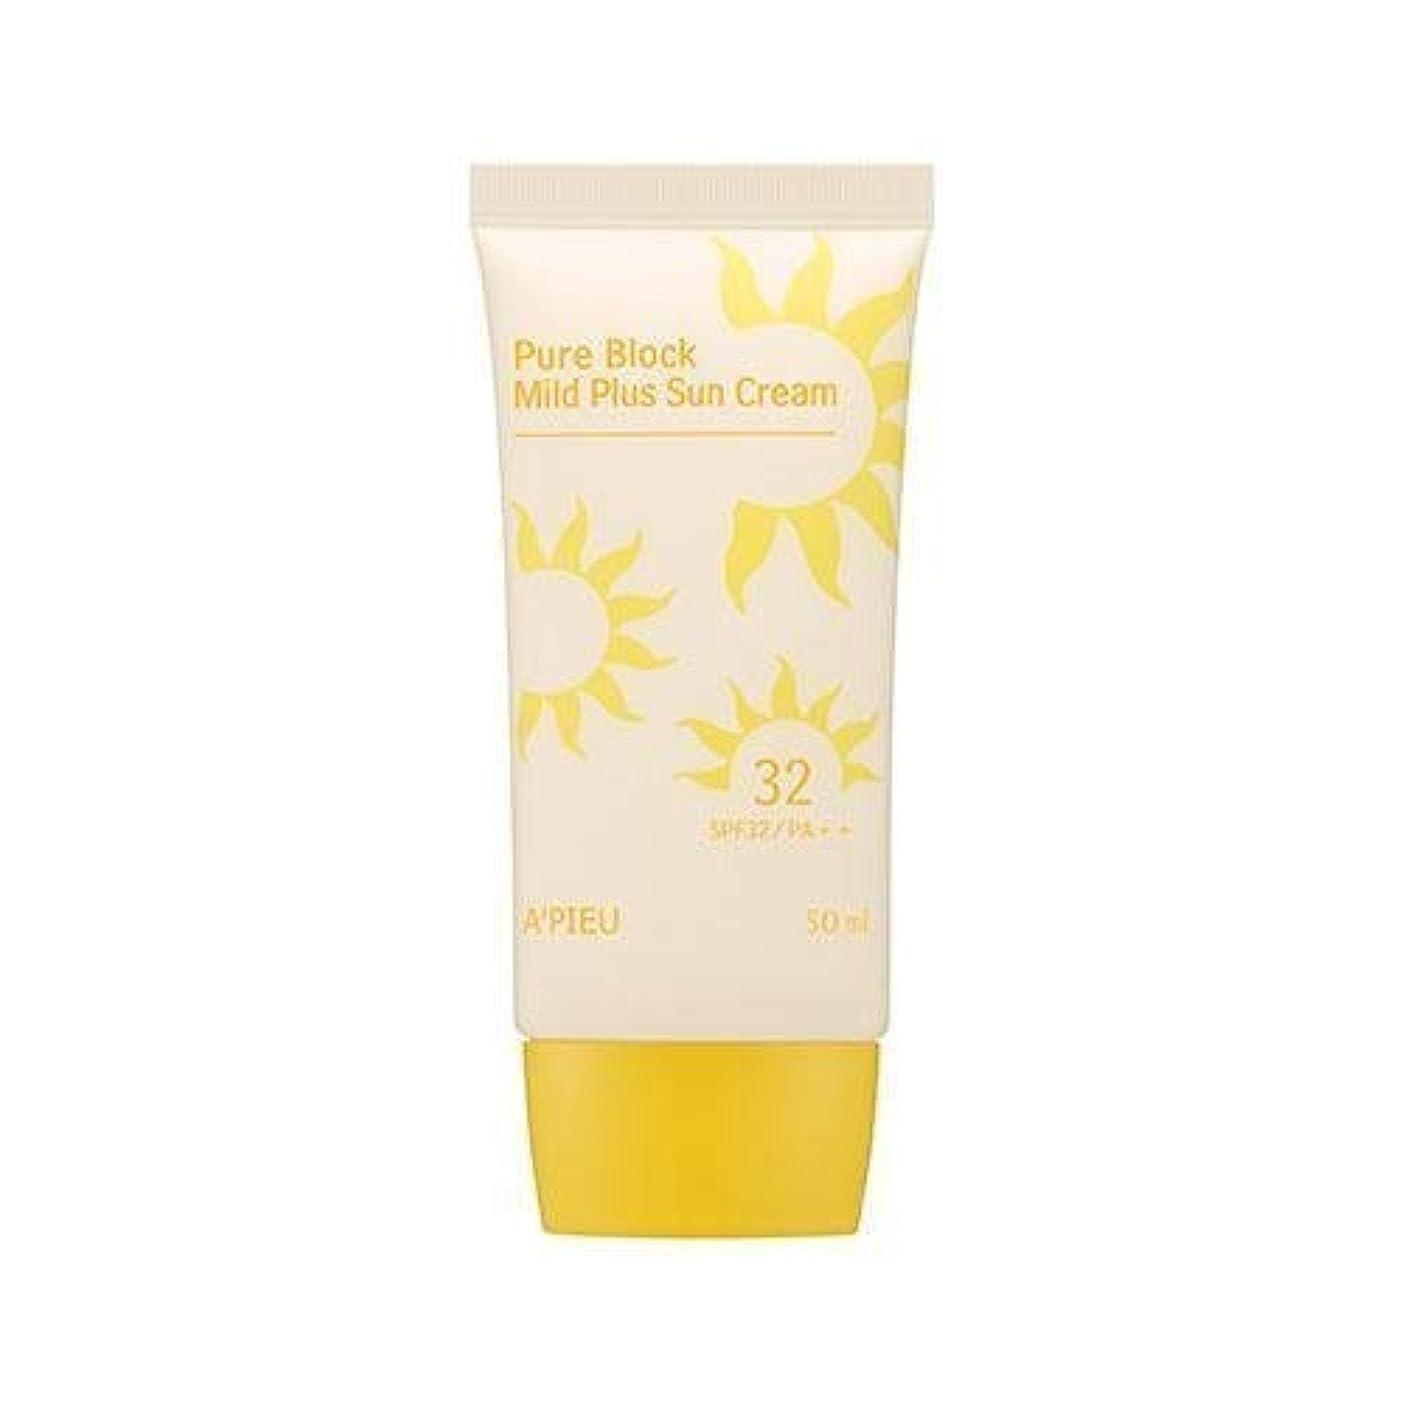 APIEU Pure Block Mild Plus Sun Cream (SPF32/PA++)/ Made in Korea